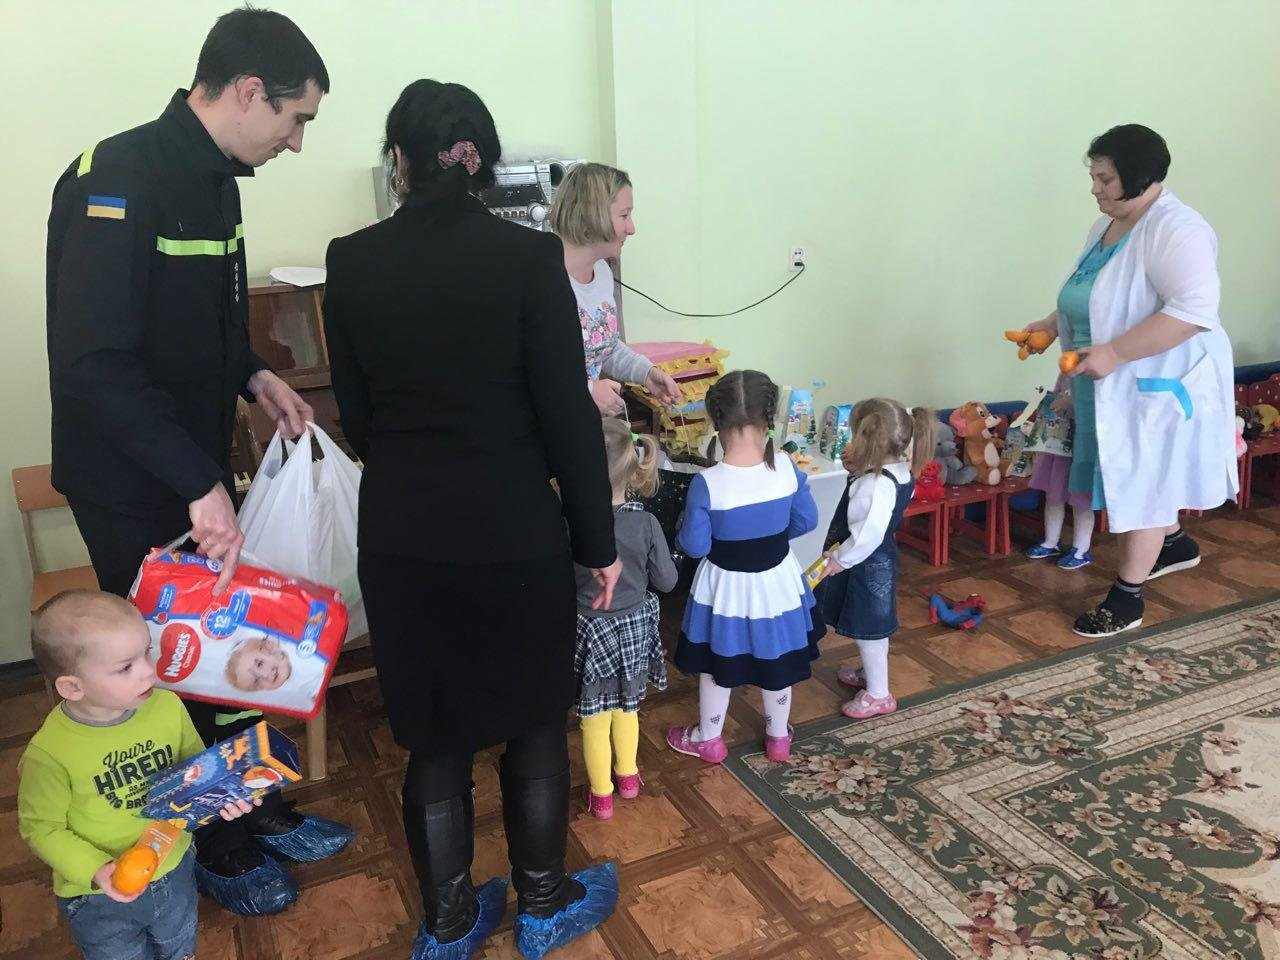 """Криворожские спасатели принесли в """"Дом ребенка"""" подарки от Святого Николая, - ФОТО, ВИДЕО, фото-1"""